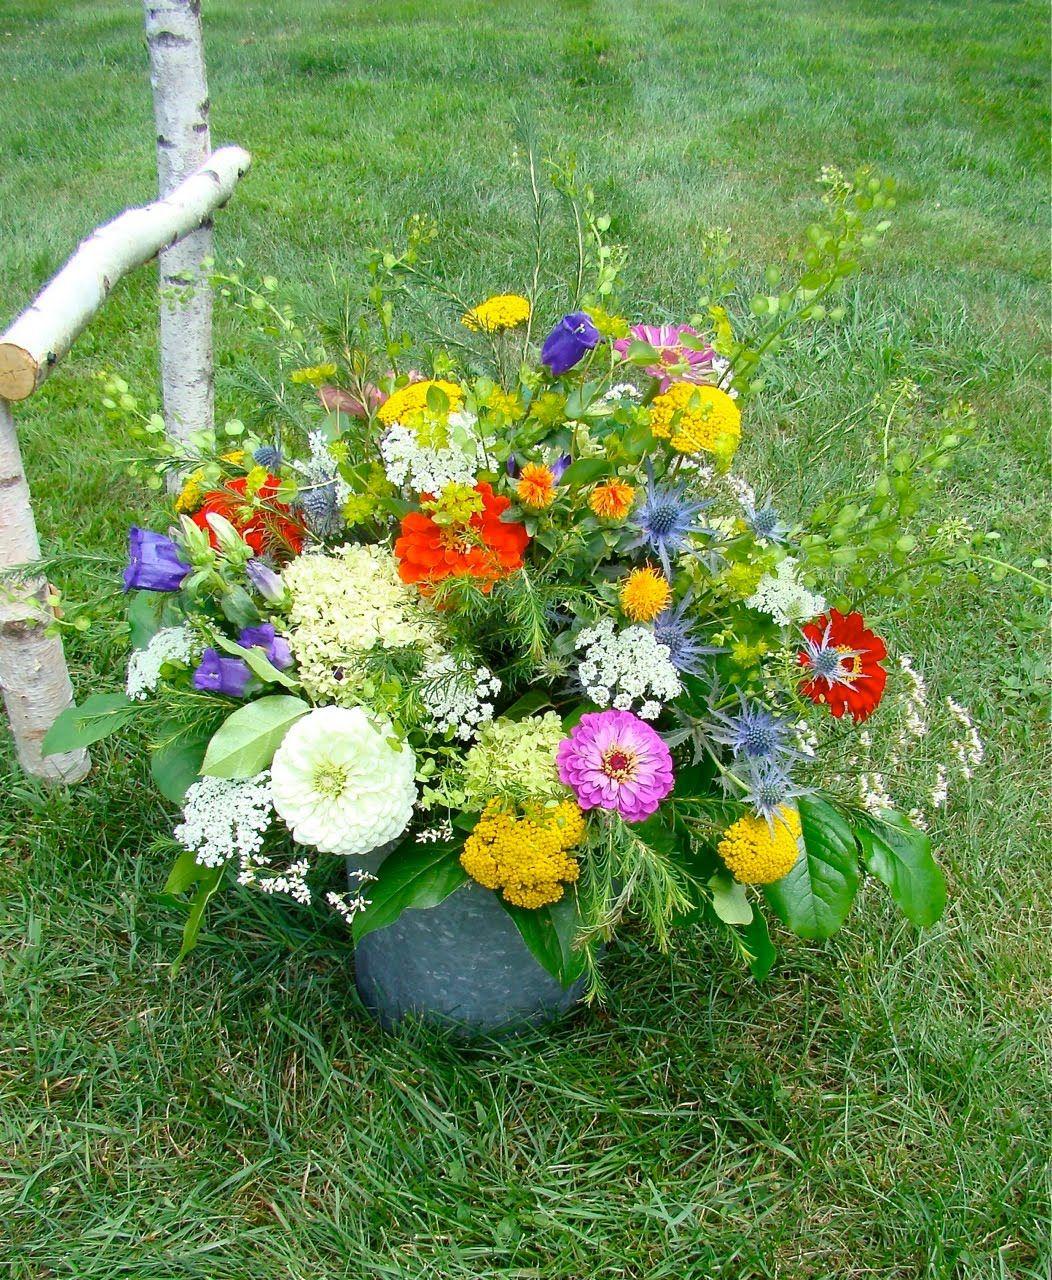 Vermont Wedding Flowers: Vermont Country Flowers: Zinnias, Beautiful Zinnias